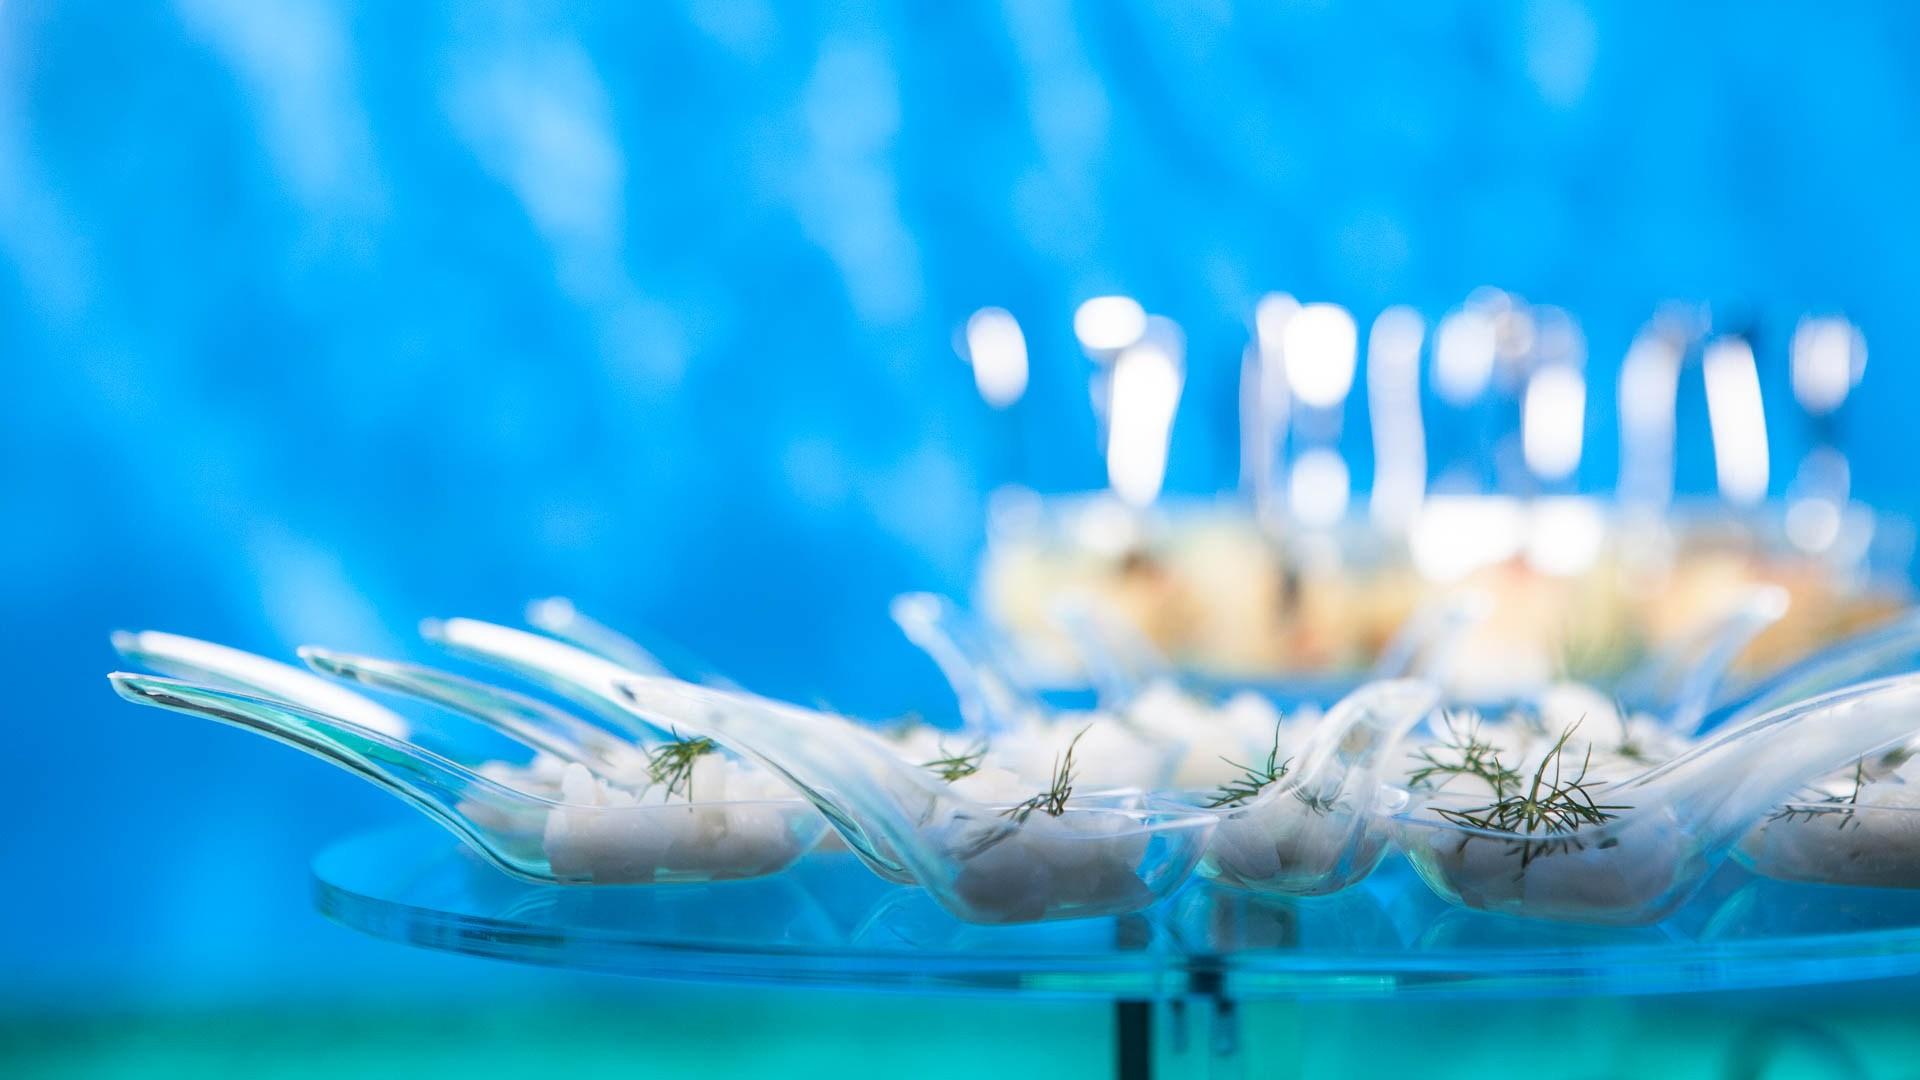 Acquario di Genova evento aziendale tavolo allestito per buffet dell'aperitivo vista del cucchiaino con pesce ecostenibile